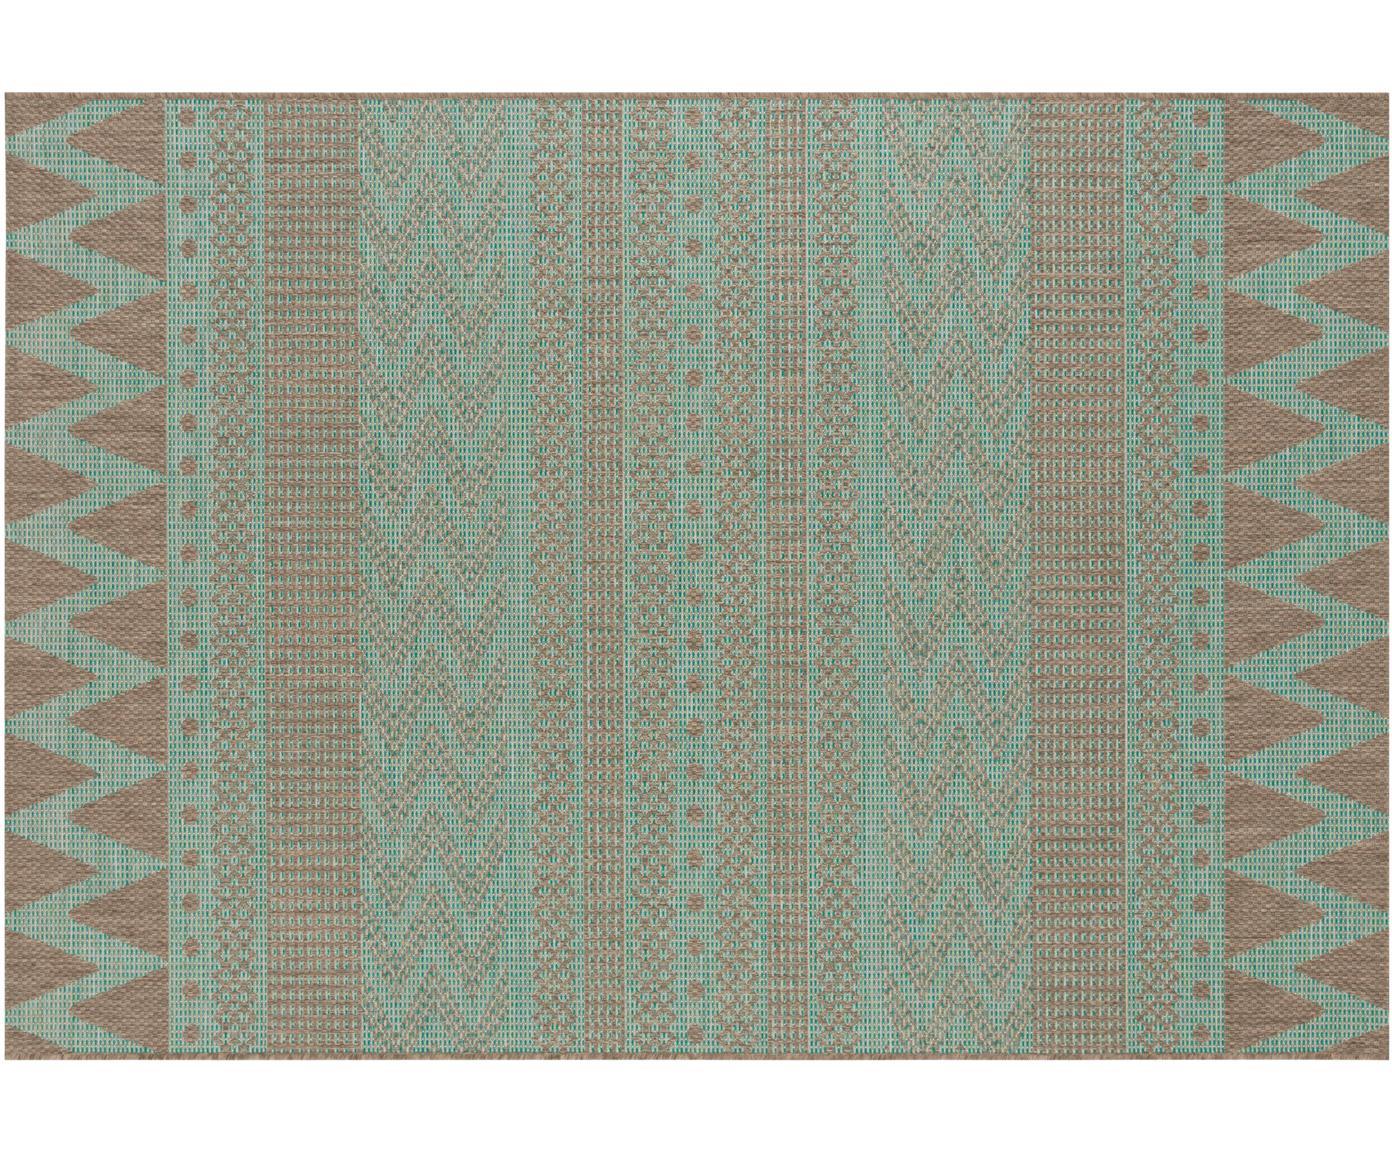 In- & Outdoor-Teppich Sidon mit grafischem Muster, 100% Polypropylen, Grün, Taupe, B 70 x L 140 cm (Größe XS)